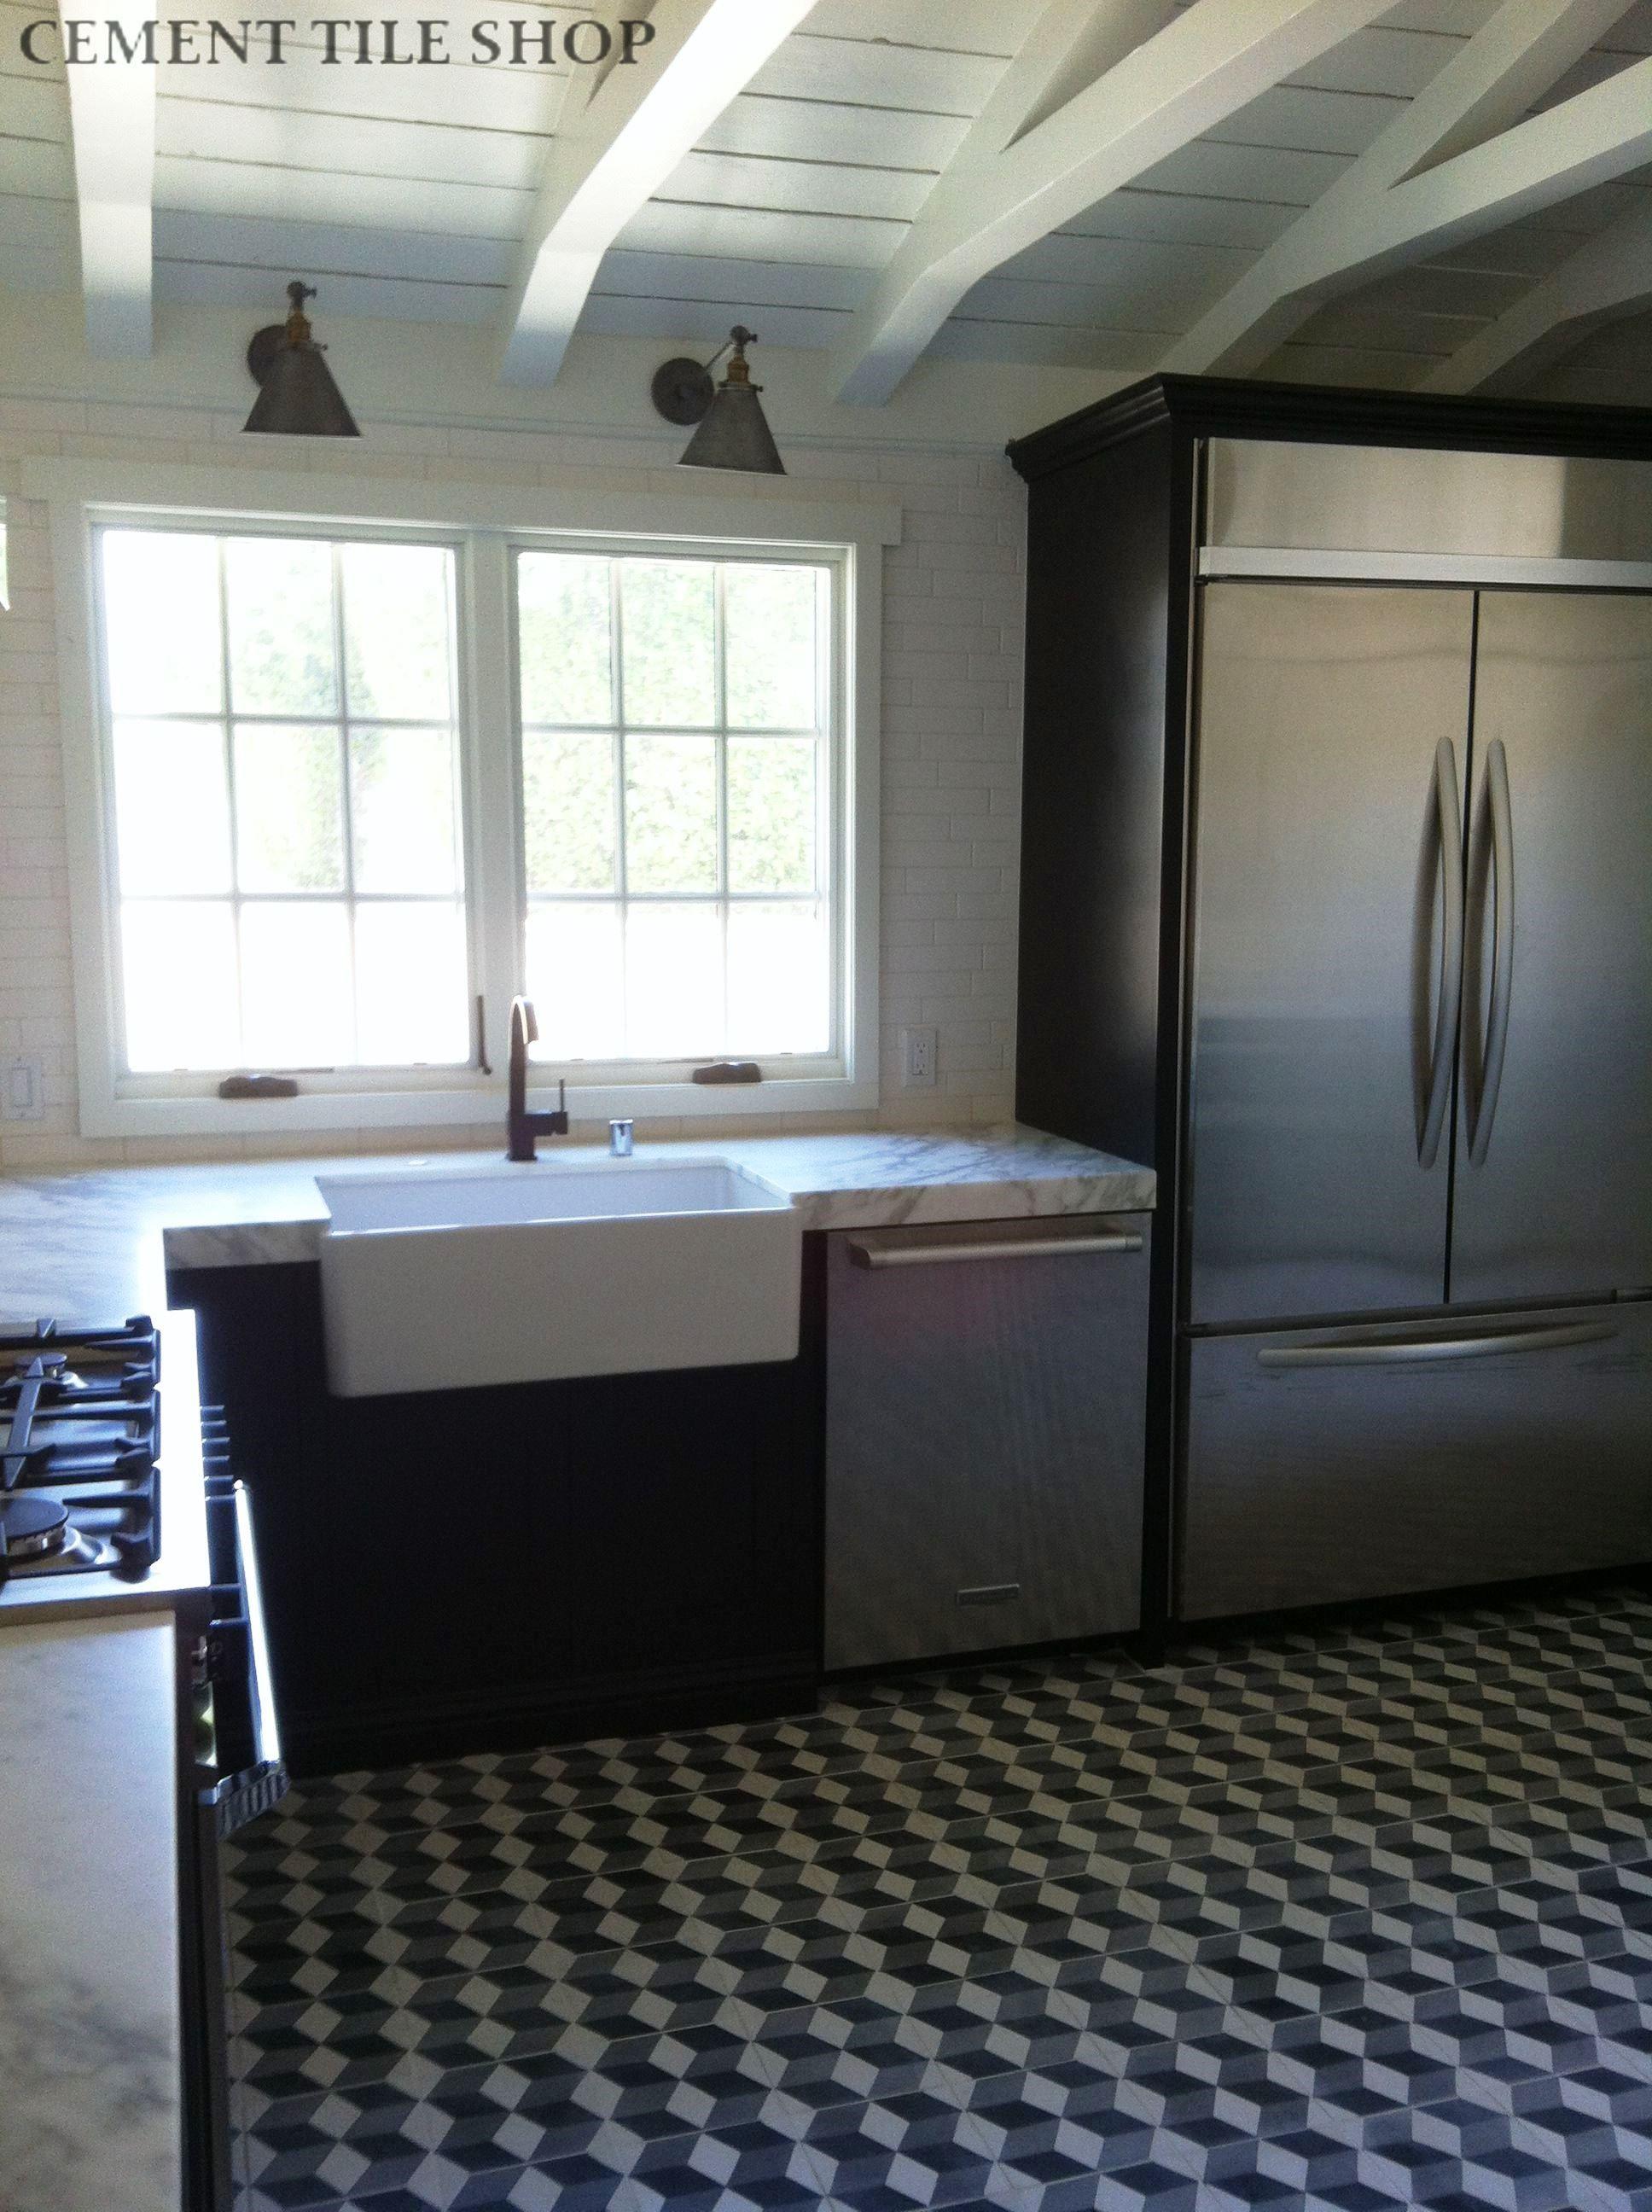 Cement Tile Shop - Harlequin Pattern 1   home renovation ...